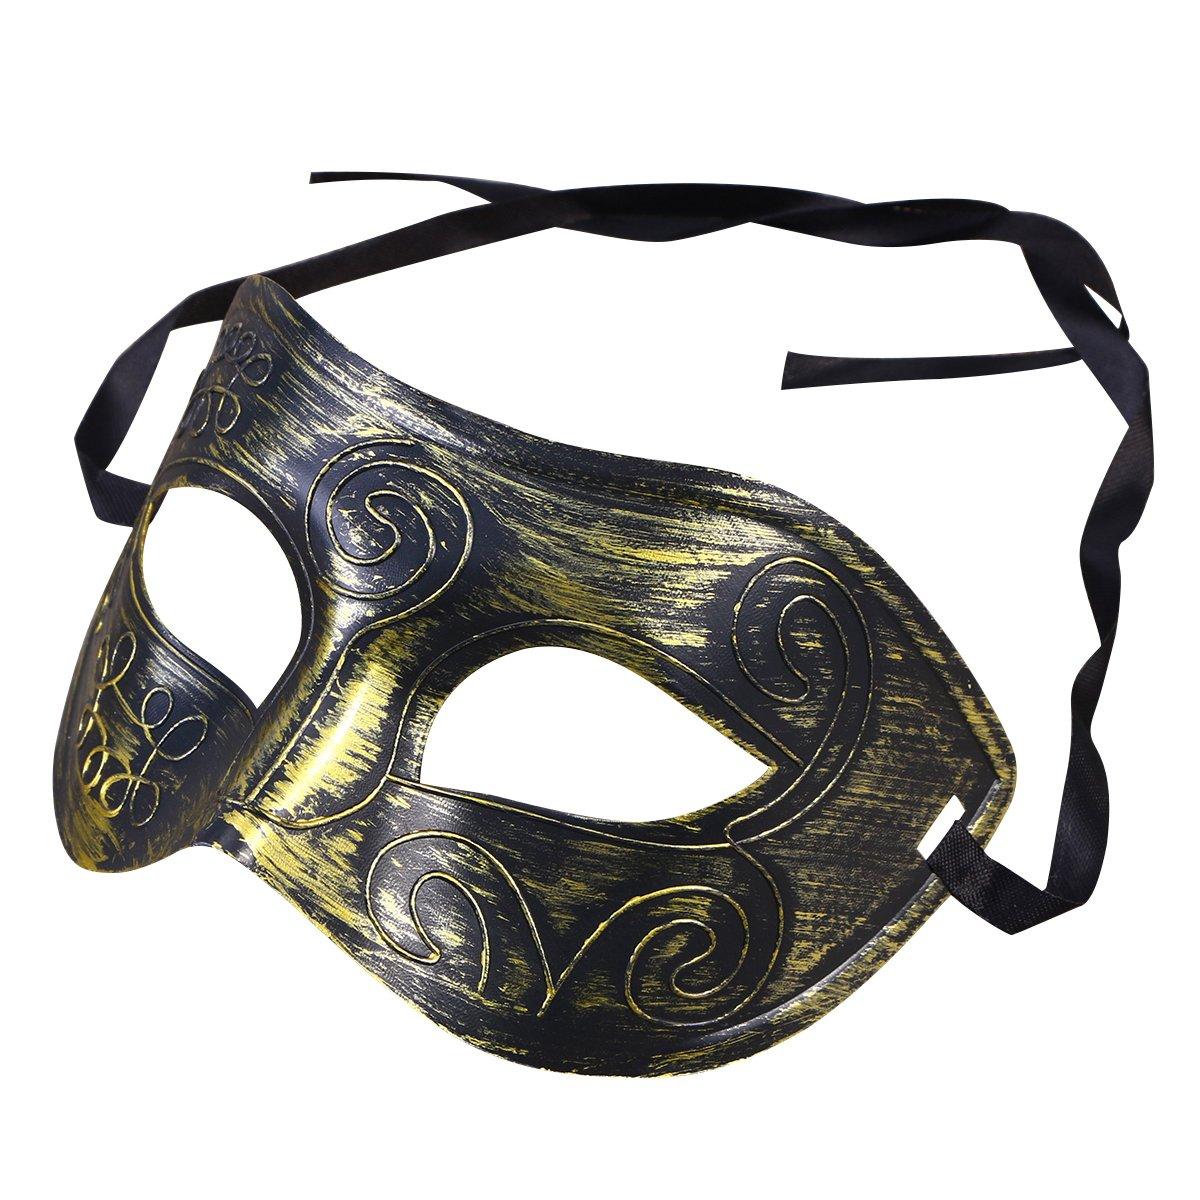 bronce TOYMYTOY M/áscara facial de la mascarada de los hombres antiguos de la vendimia para las fuentes del partido de la bola del traje de Halloween